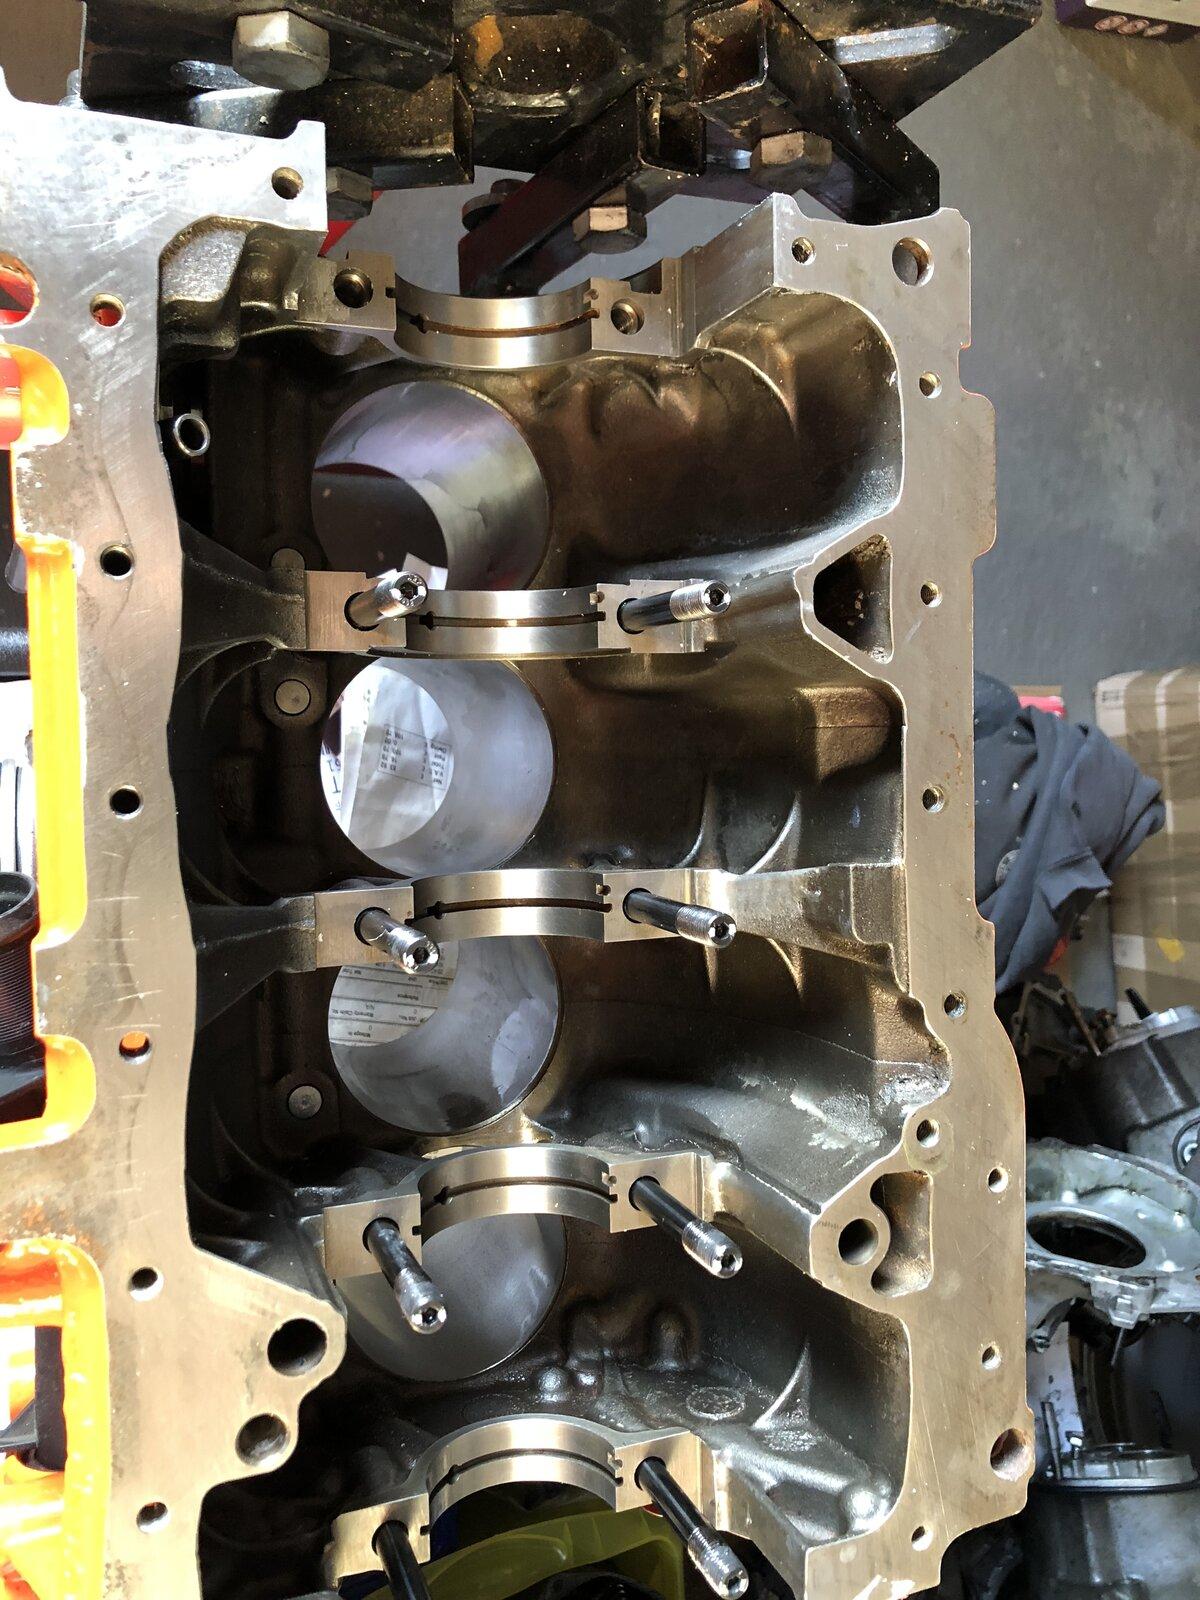 EC144D8E-447E-45FD-8683-92141FFFEDD9.jpeg